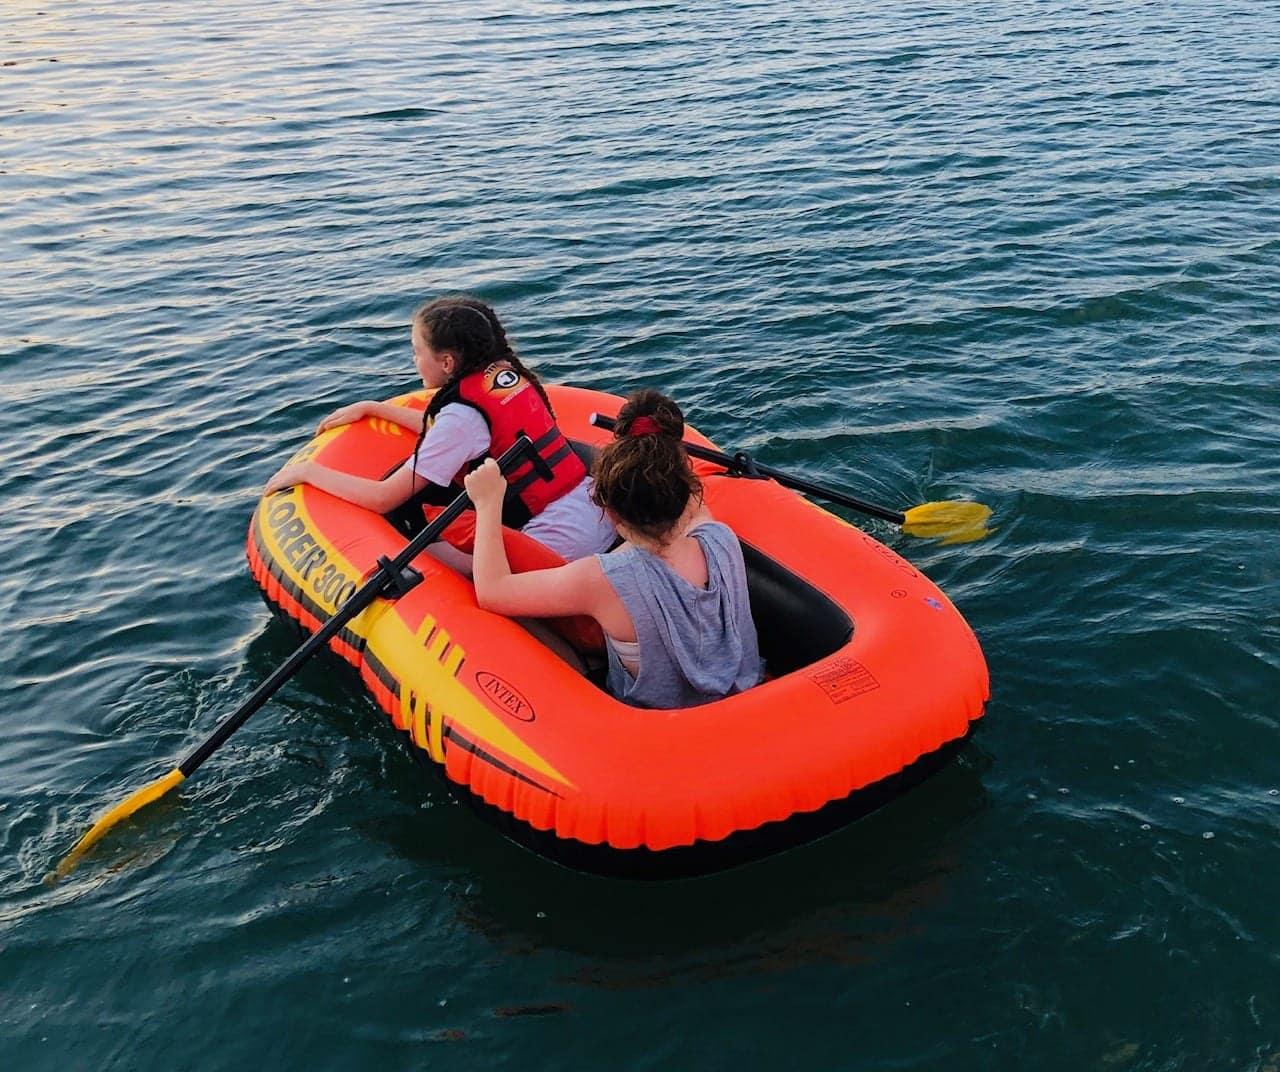 Intex Explorer 300 boat